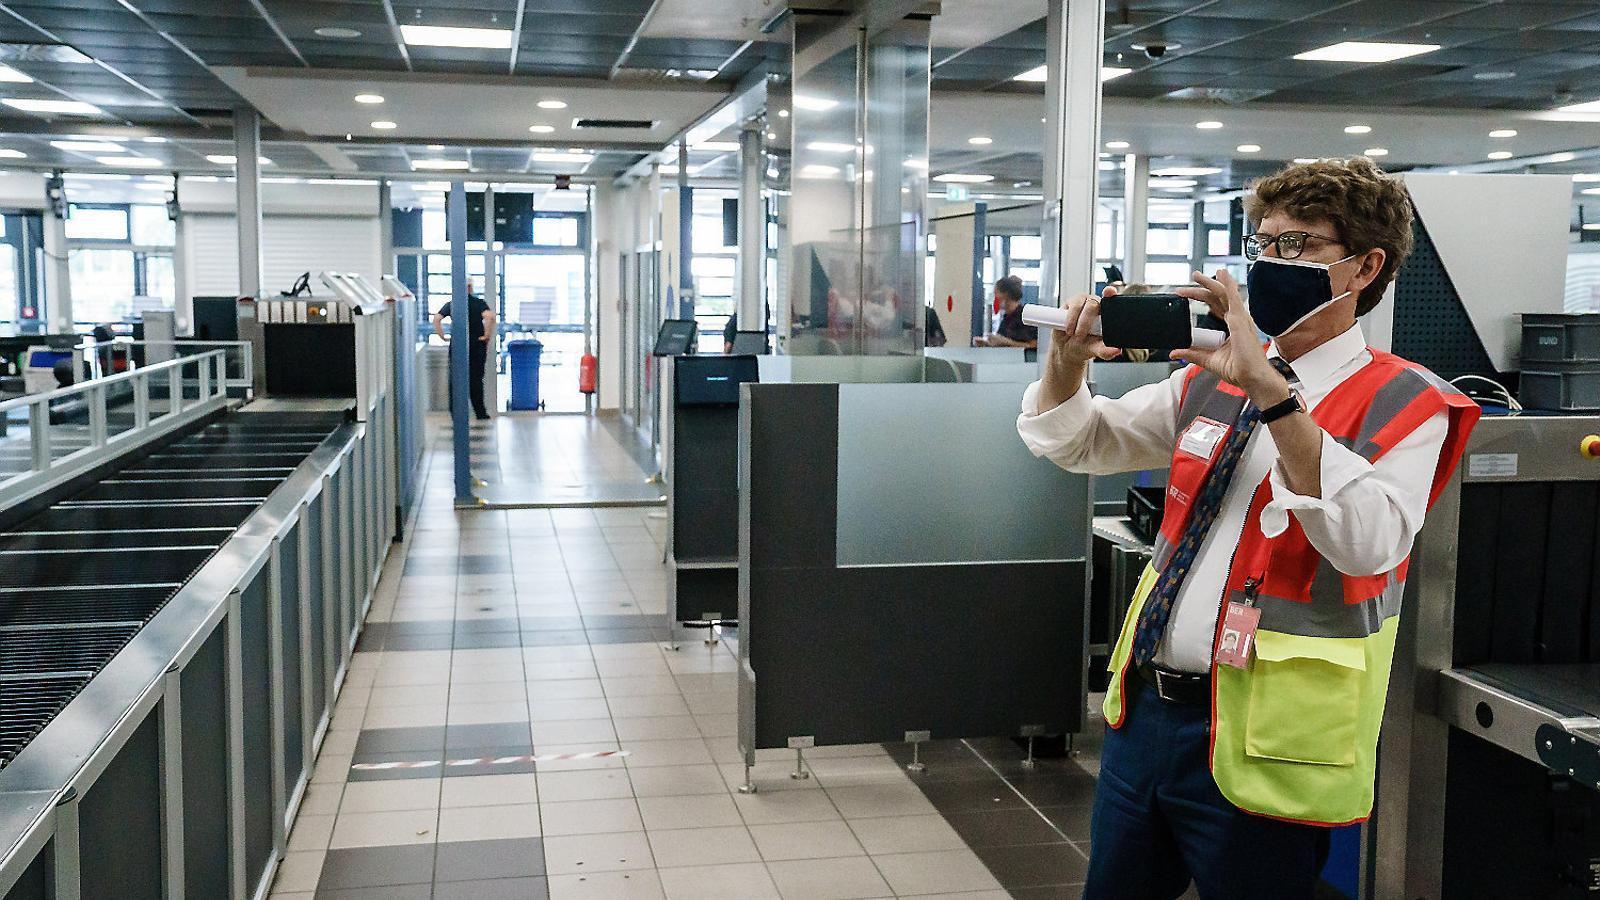 El conseller delegat del nou aeroport, Engelbert Lütke Daldrup, fent una foto a la zona del control de seguretat.